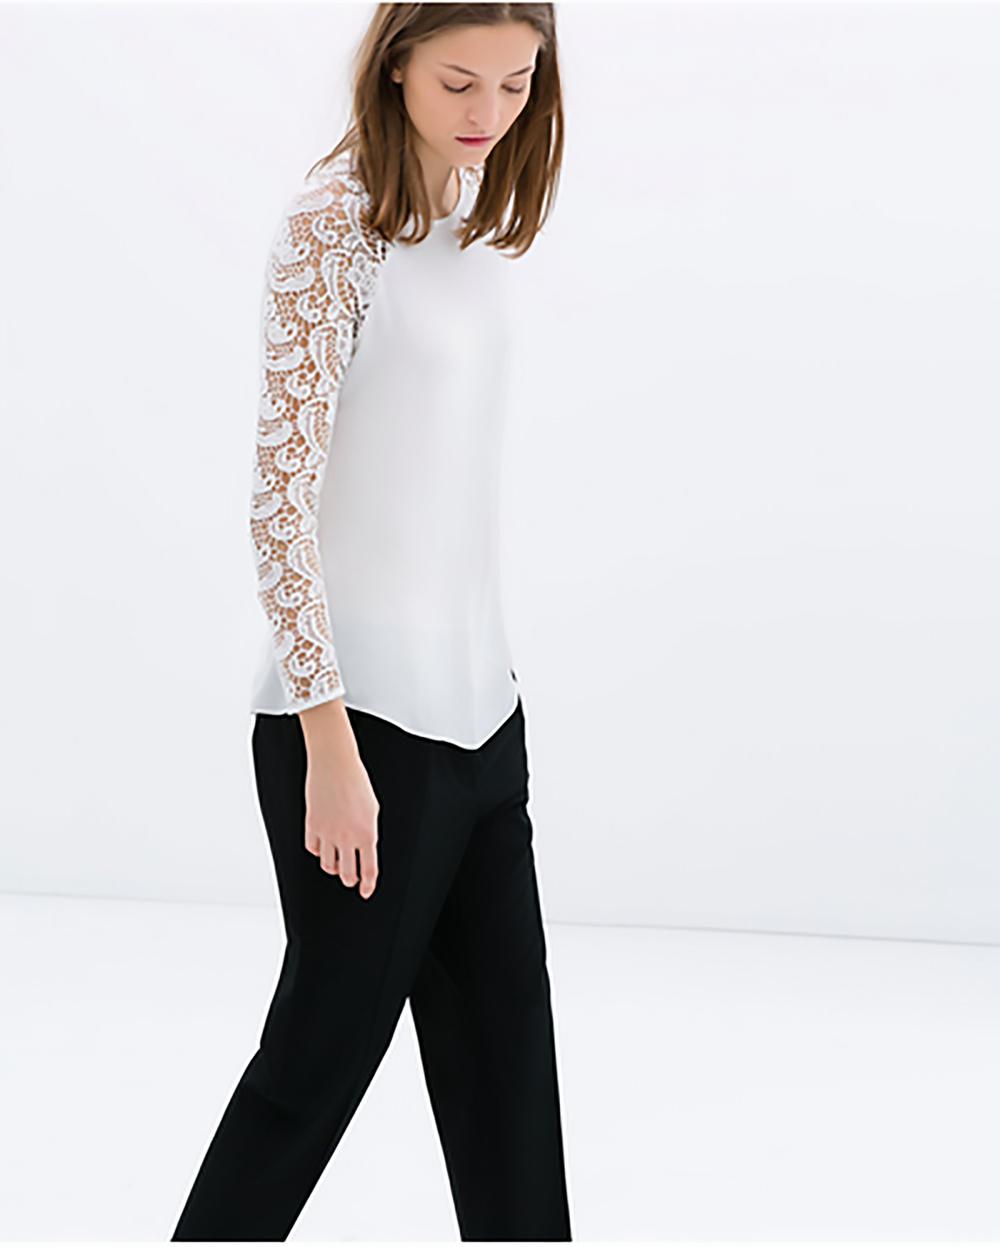 zara blouse with guipur sleeve see thru shoulders  1500.jpg